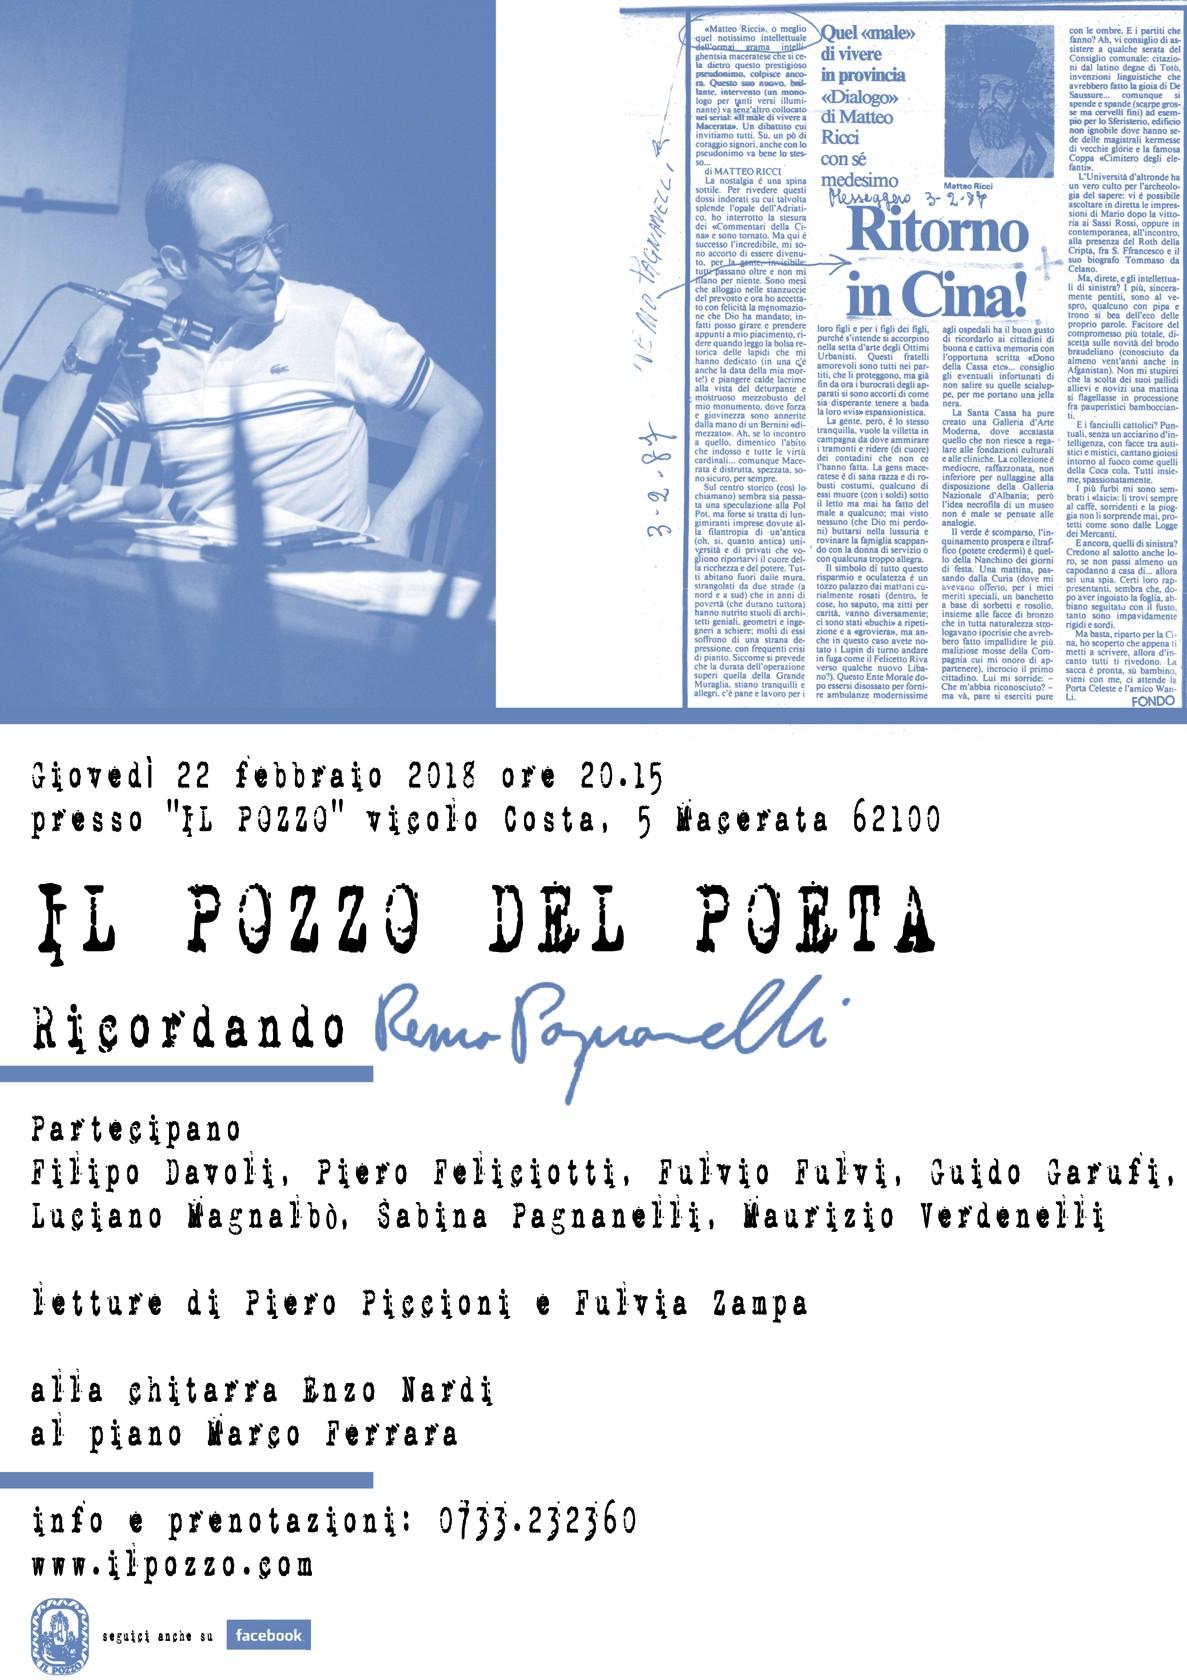 Serata in ricordo di Remo Pagnanelli